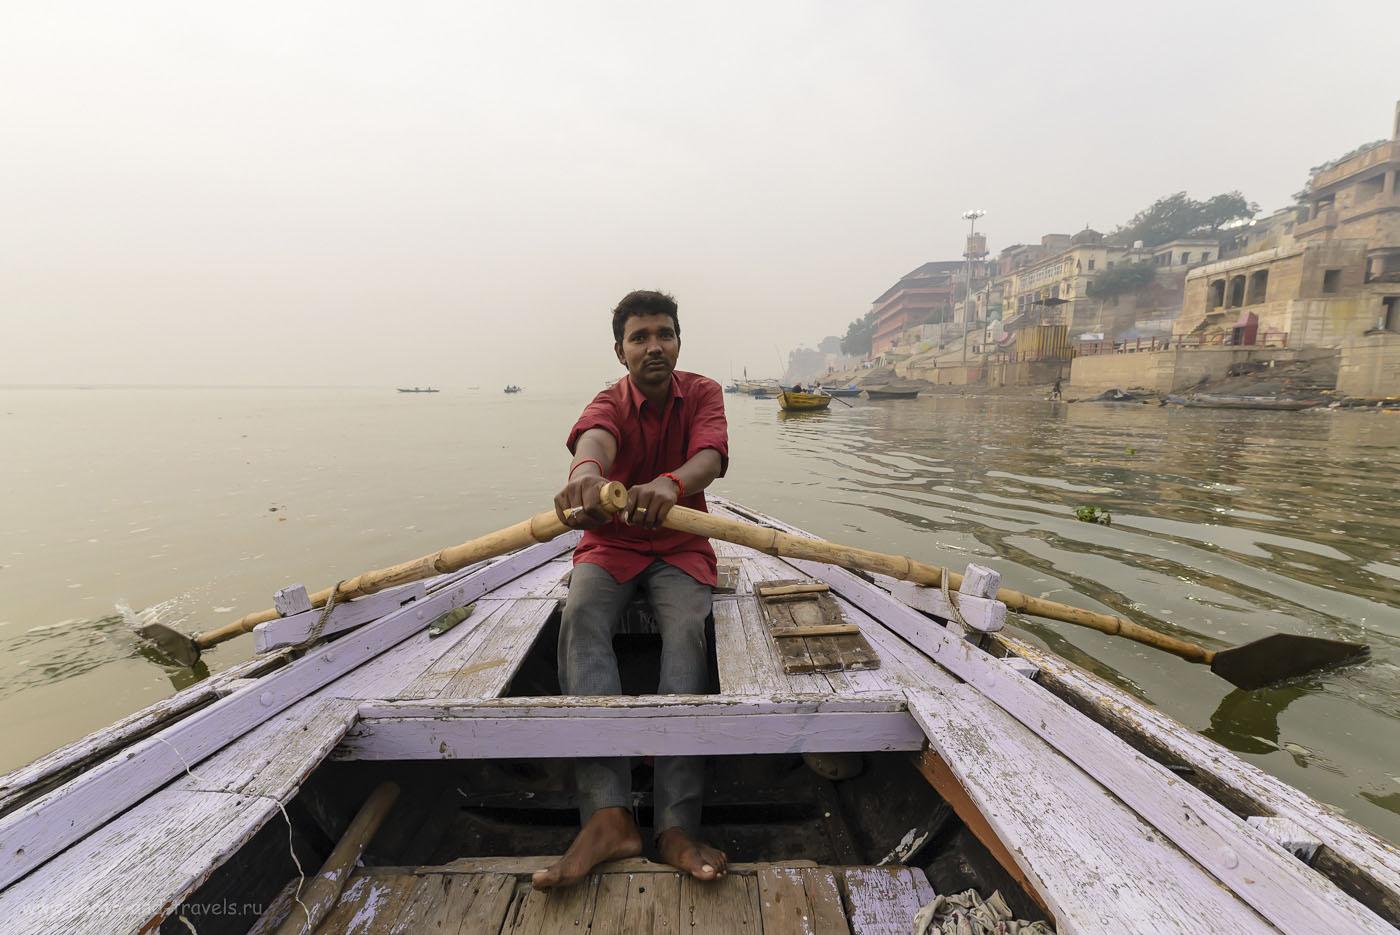 28. Наш лодочник. Отзыв об экскурсии в Варанаси. Фотоаппарат Nikon D610. Сверхширокоугольный объектив Samyang 14/2.8. Параметры съемки: 1/320, 8.0, 1250, 14.